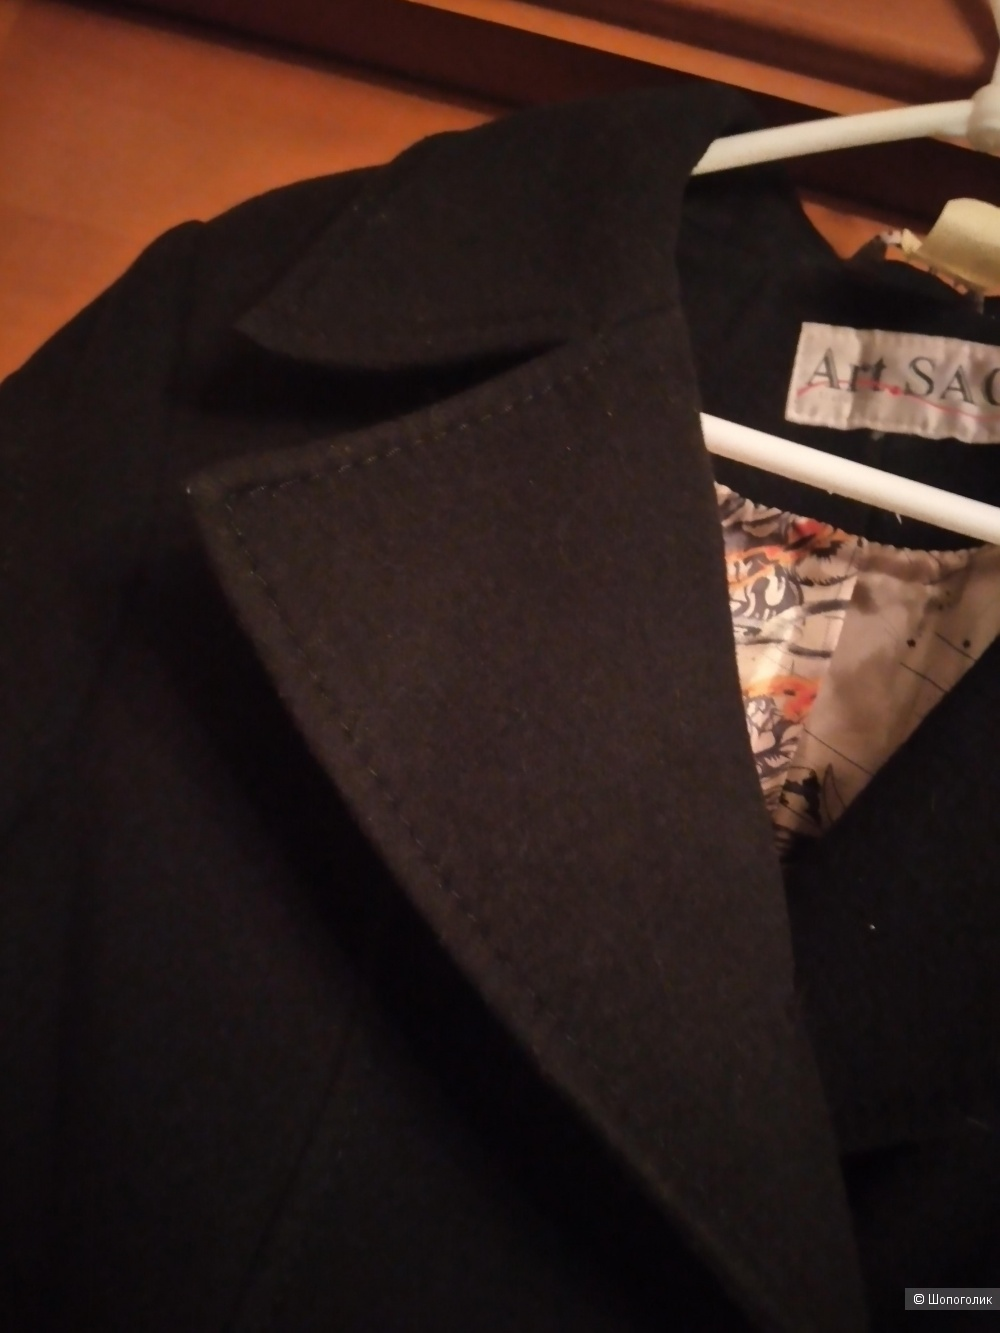 Пальто женское Art SAG 48-52